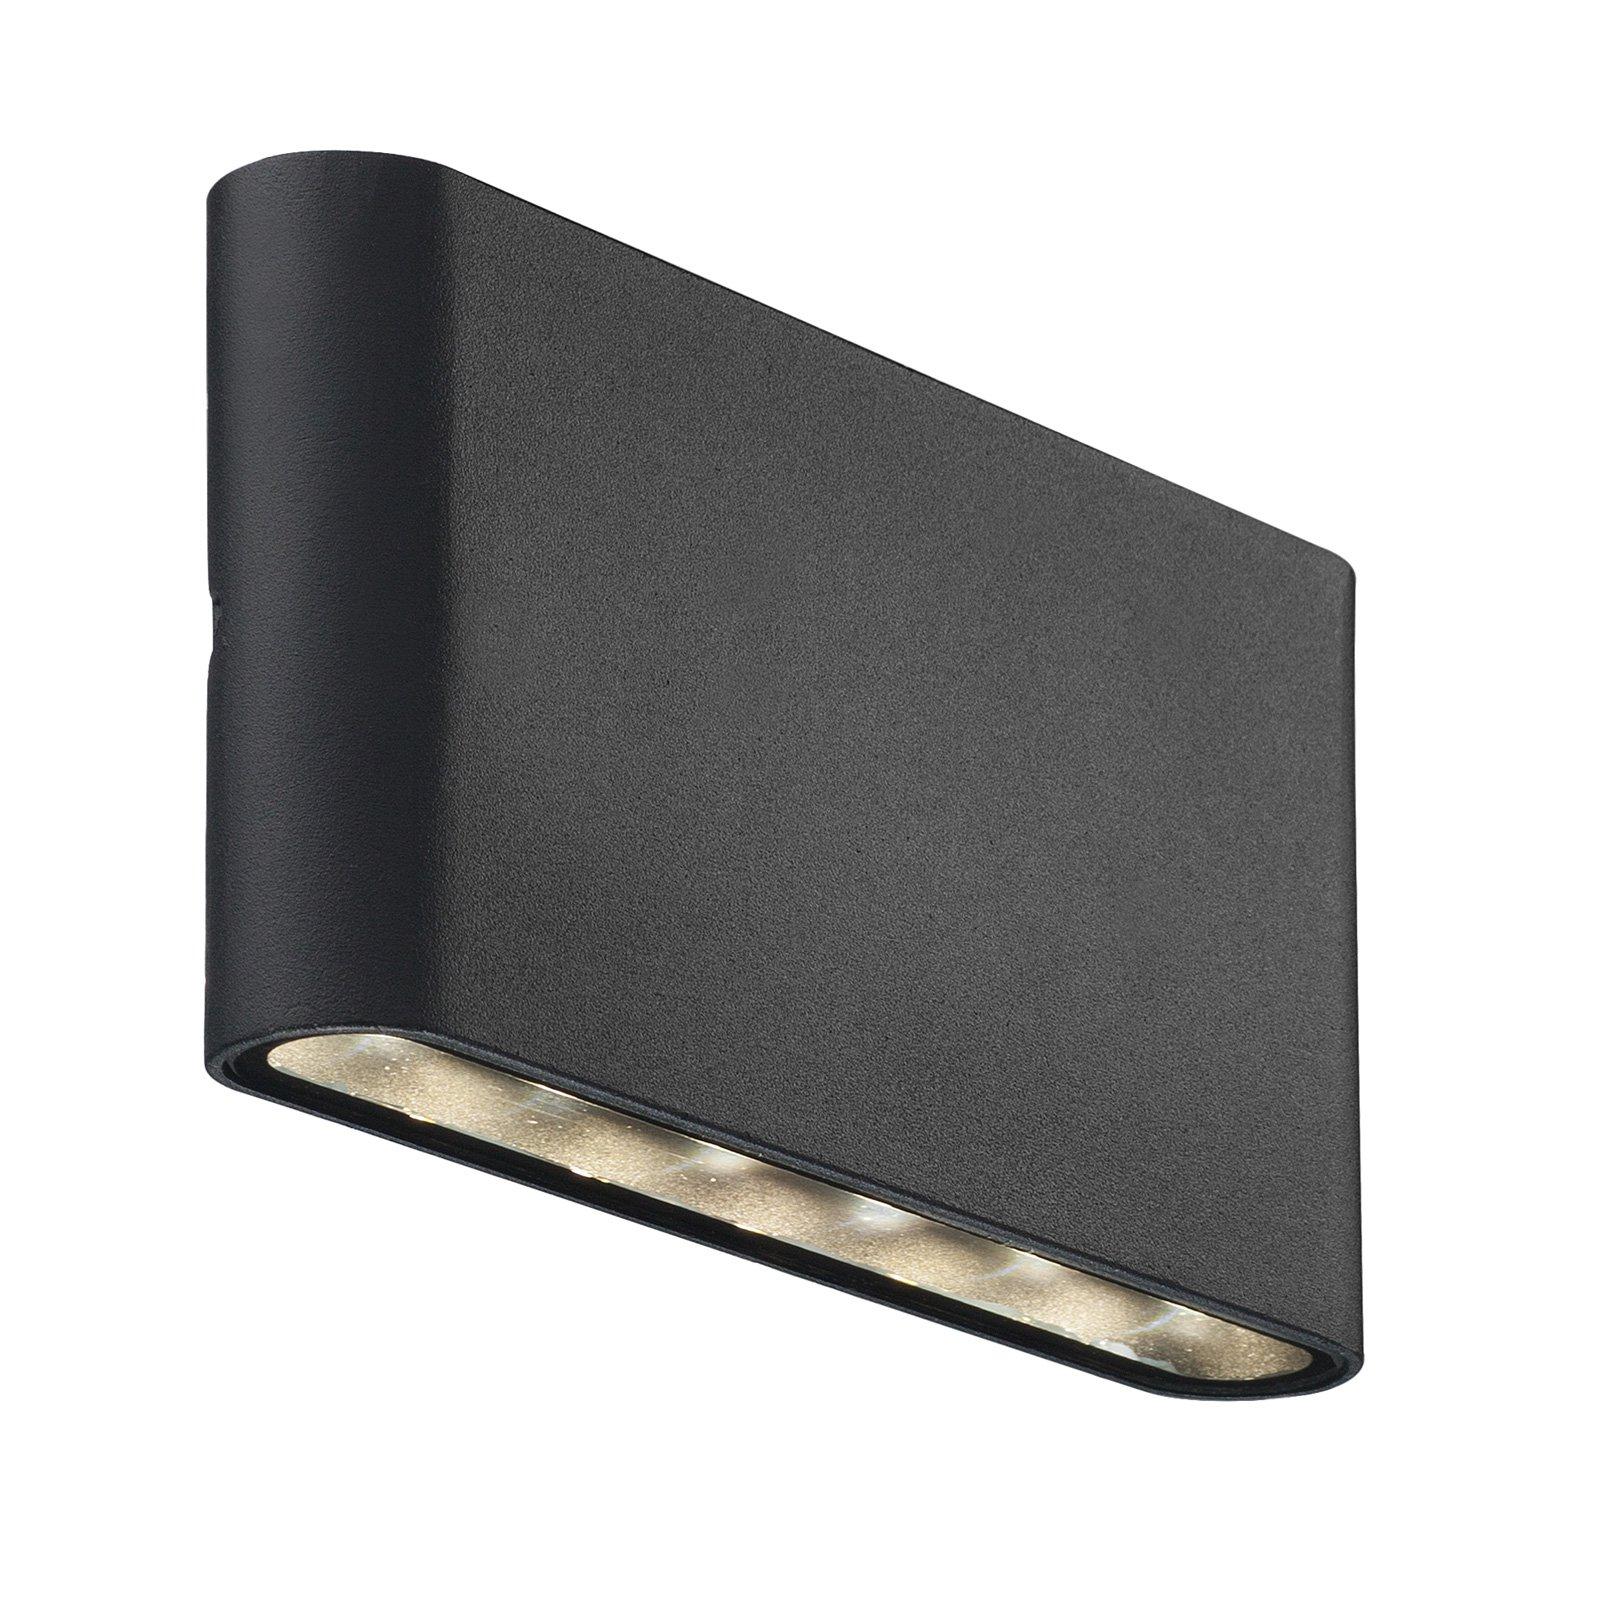 Utendørs LED-vegglampe Kinver i flat form, svart